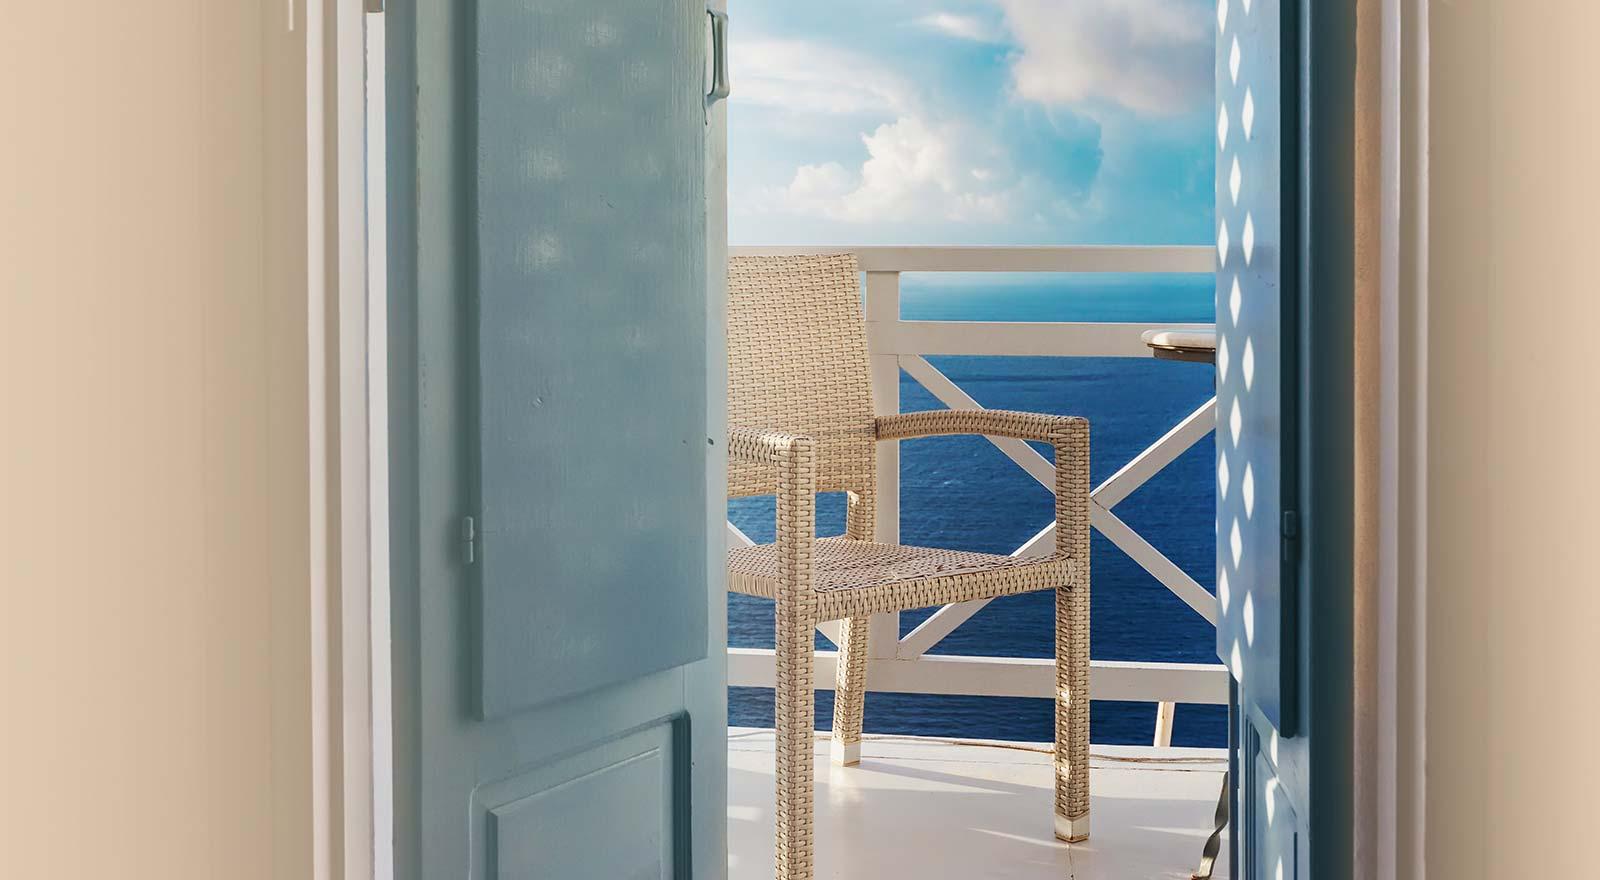 Appartamenti Vacanza a Riccione, Rimini, Cattolica, Misano ...